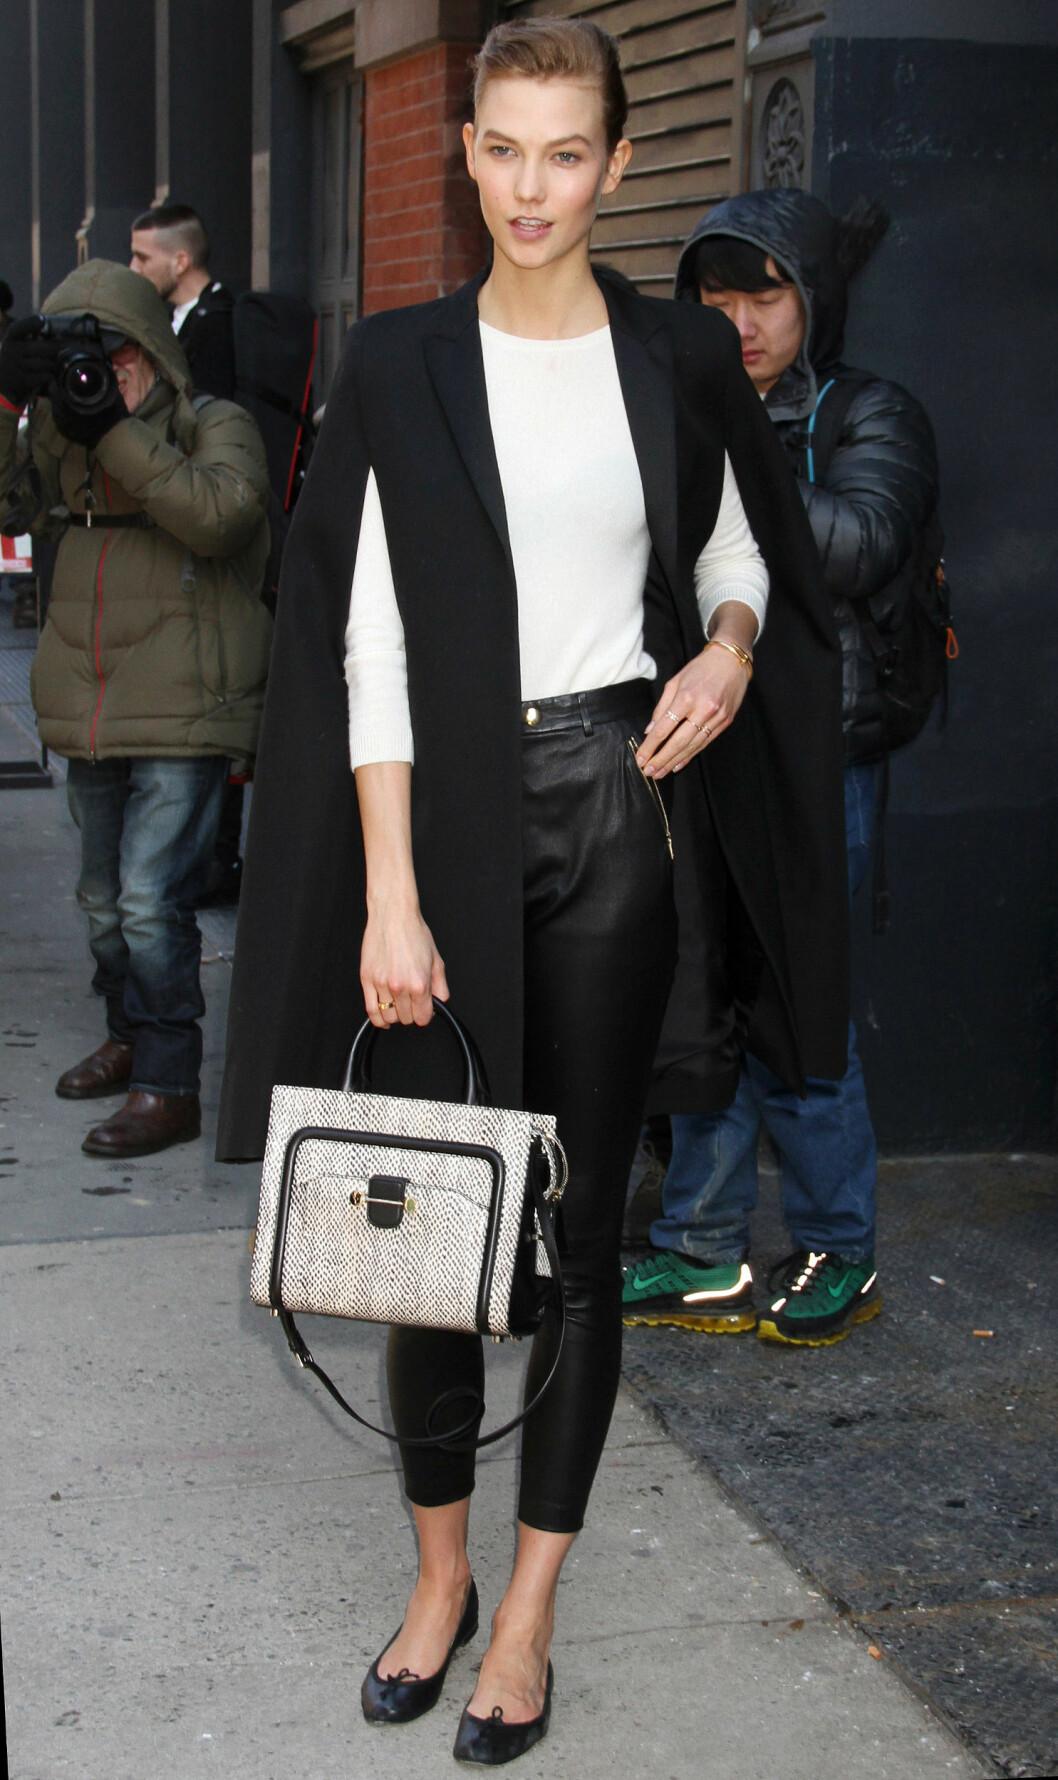 HØSTENS KULESTE: Karlie Kloss i en maskulin poncho. Foto: All Over Press